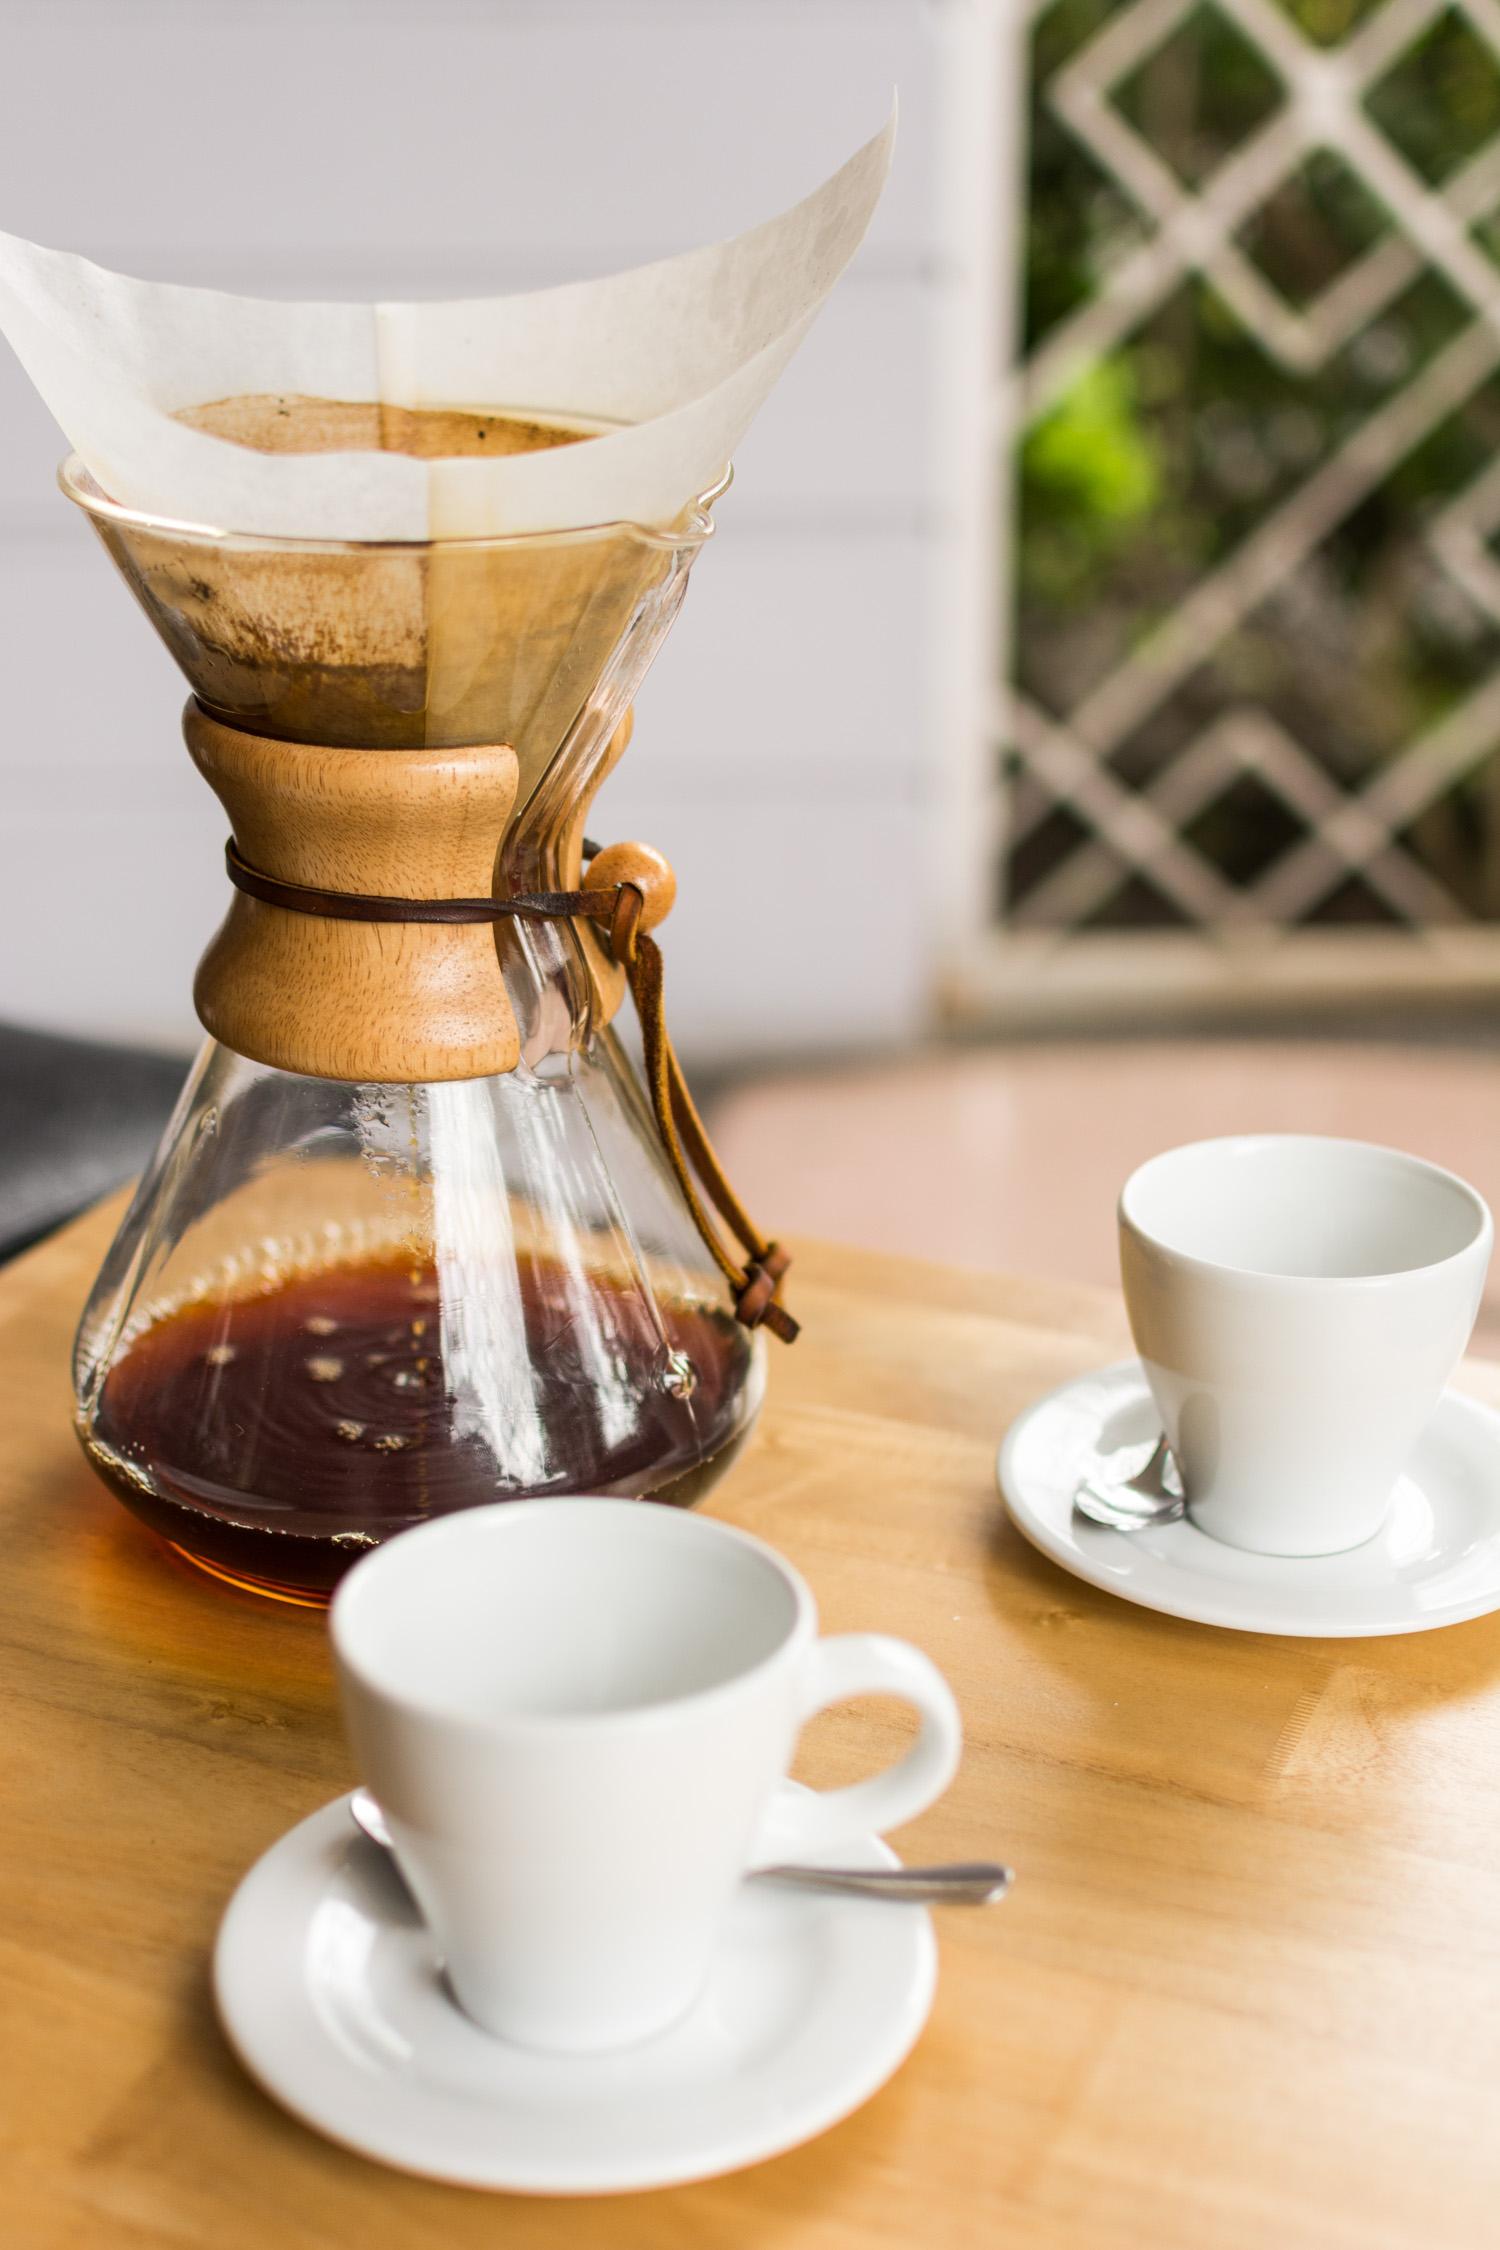 Cafeoteca, Costa Rica